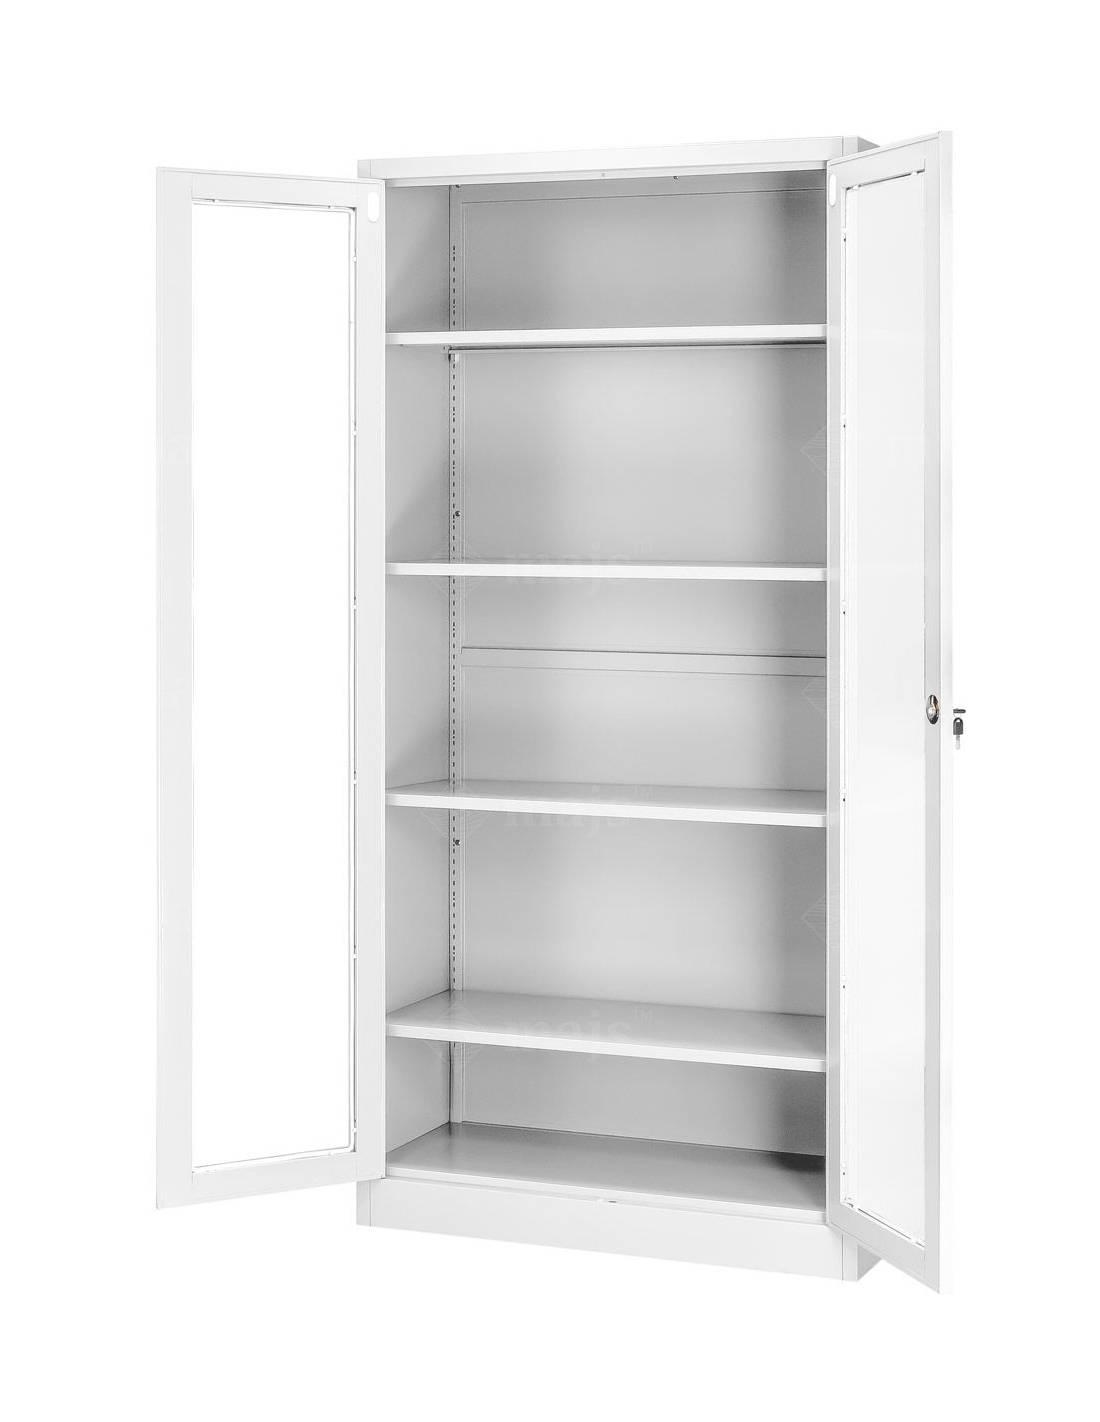 Witryna z półkami i przeszklonymi drzwiami na dokumenty lub ekspozycję